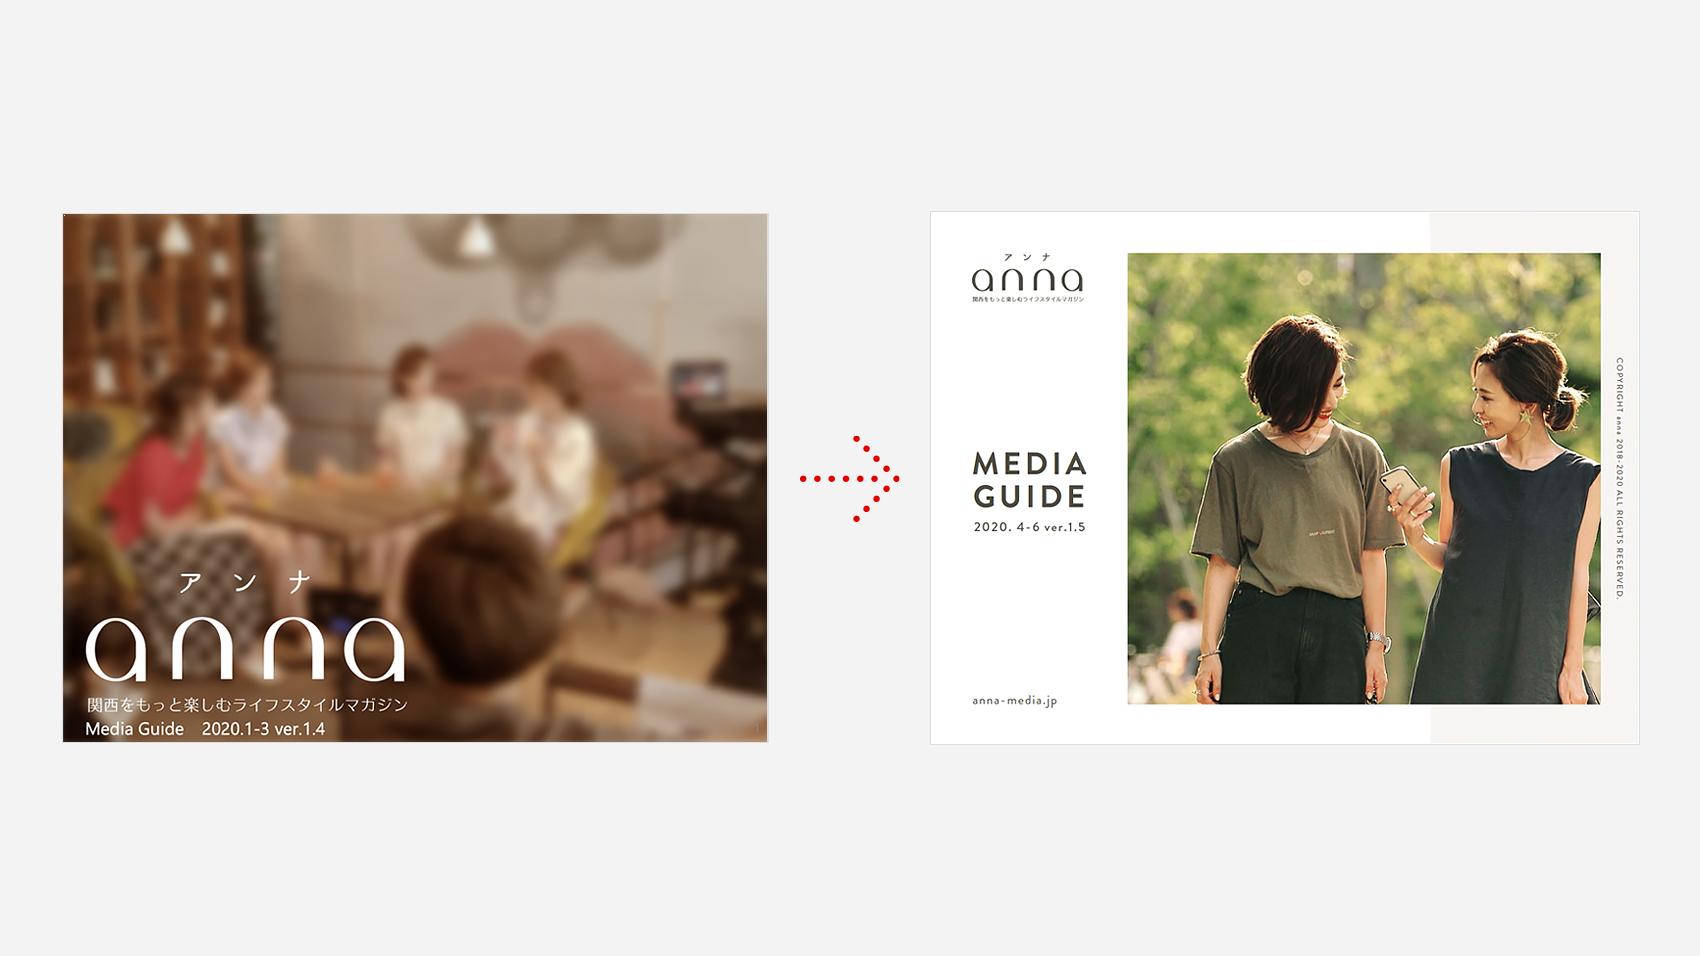 媒体資料の表紙デザインのビフォーアフター